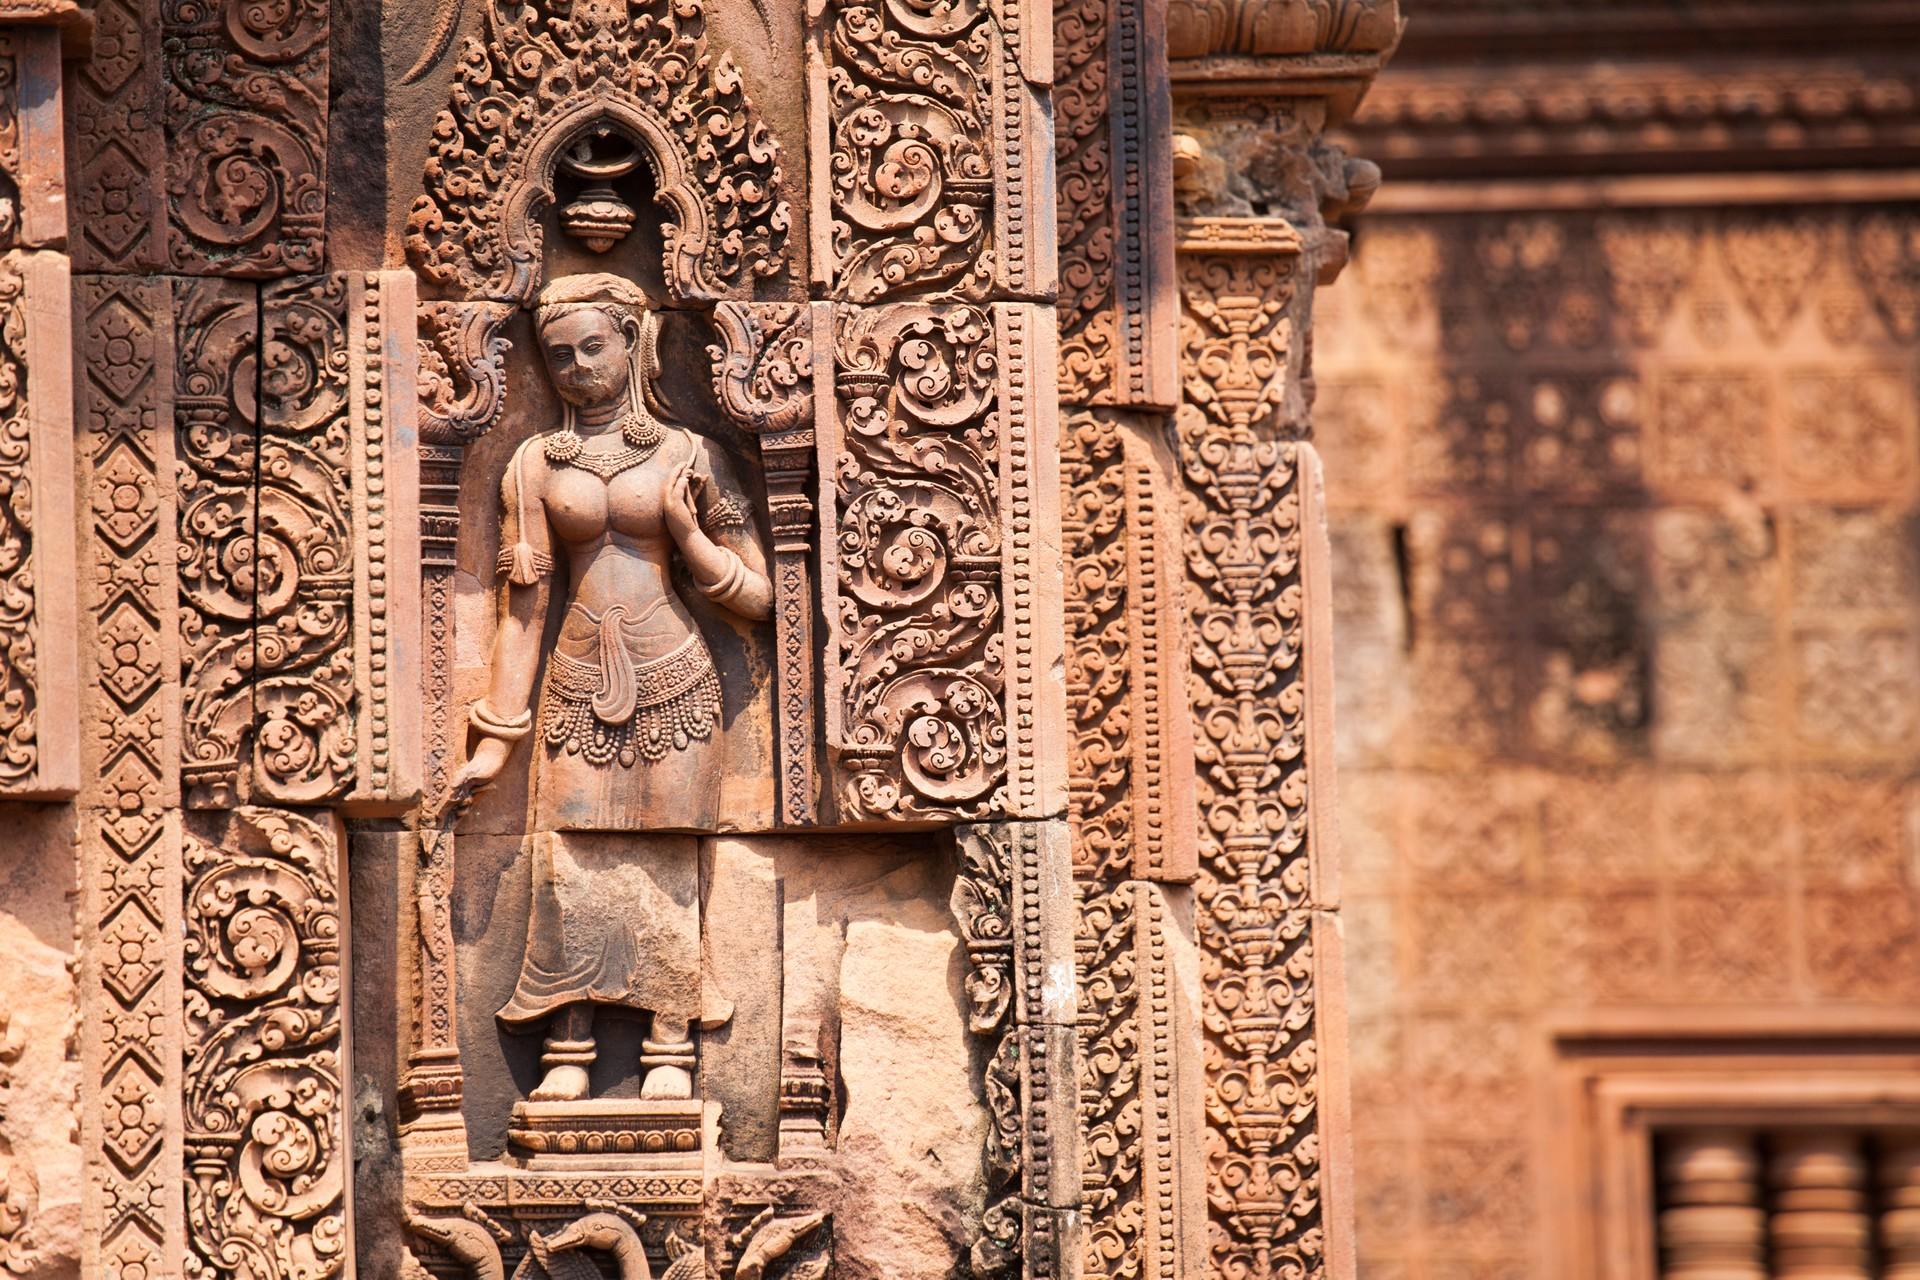 Aspara carvings in Banteay Srei, Cambodia